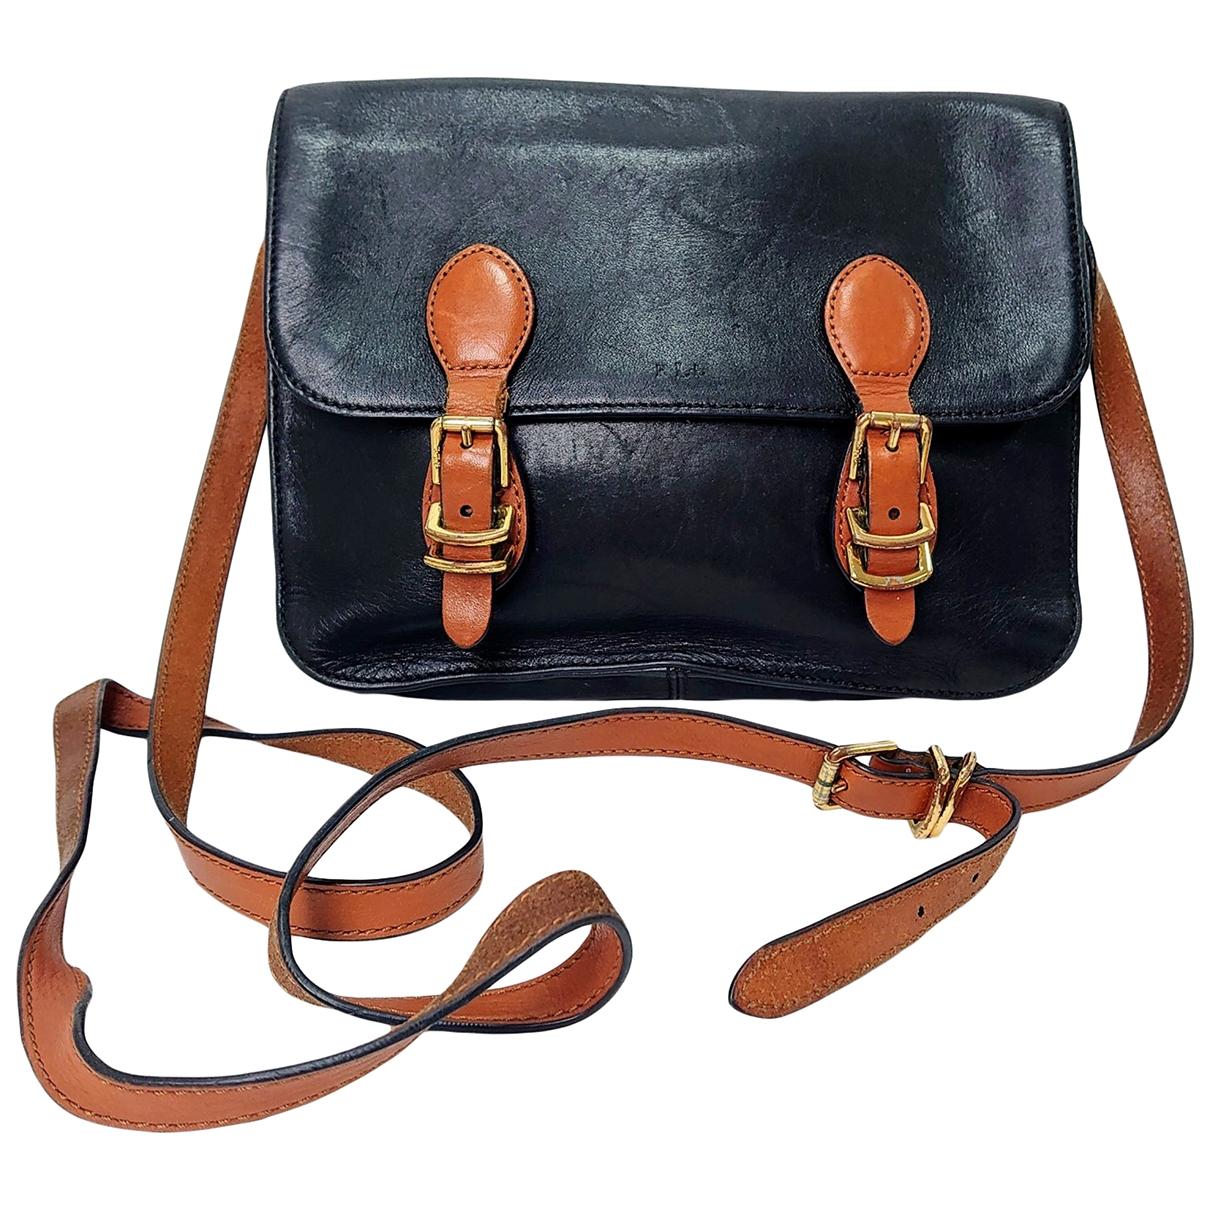 Lauren Ralph Lauren \N Black Leather handbag for Women \N